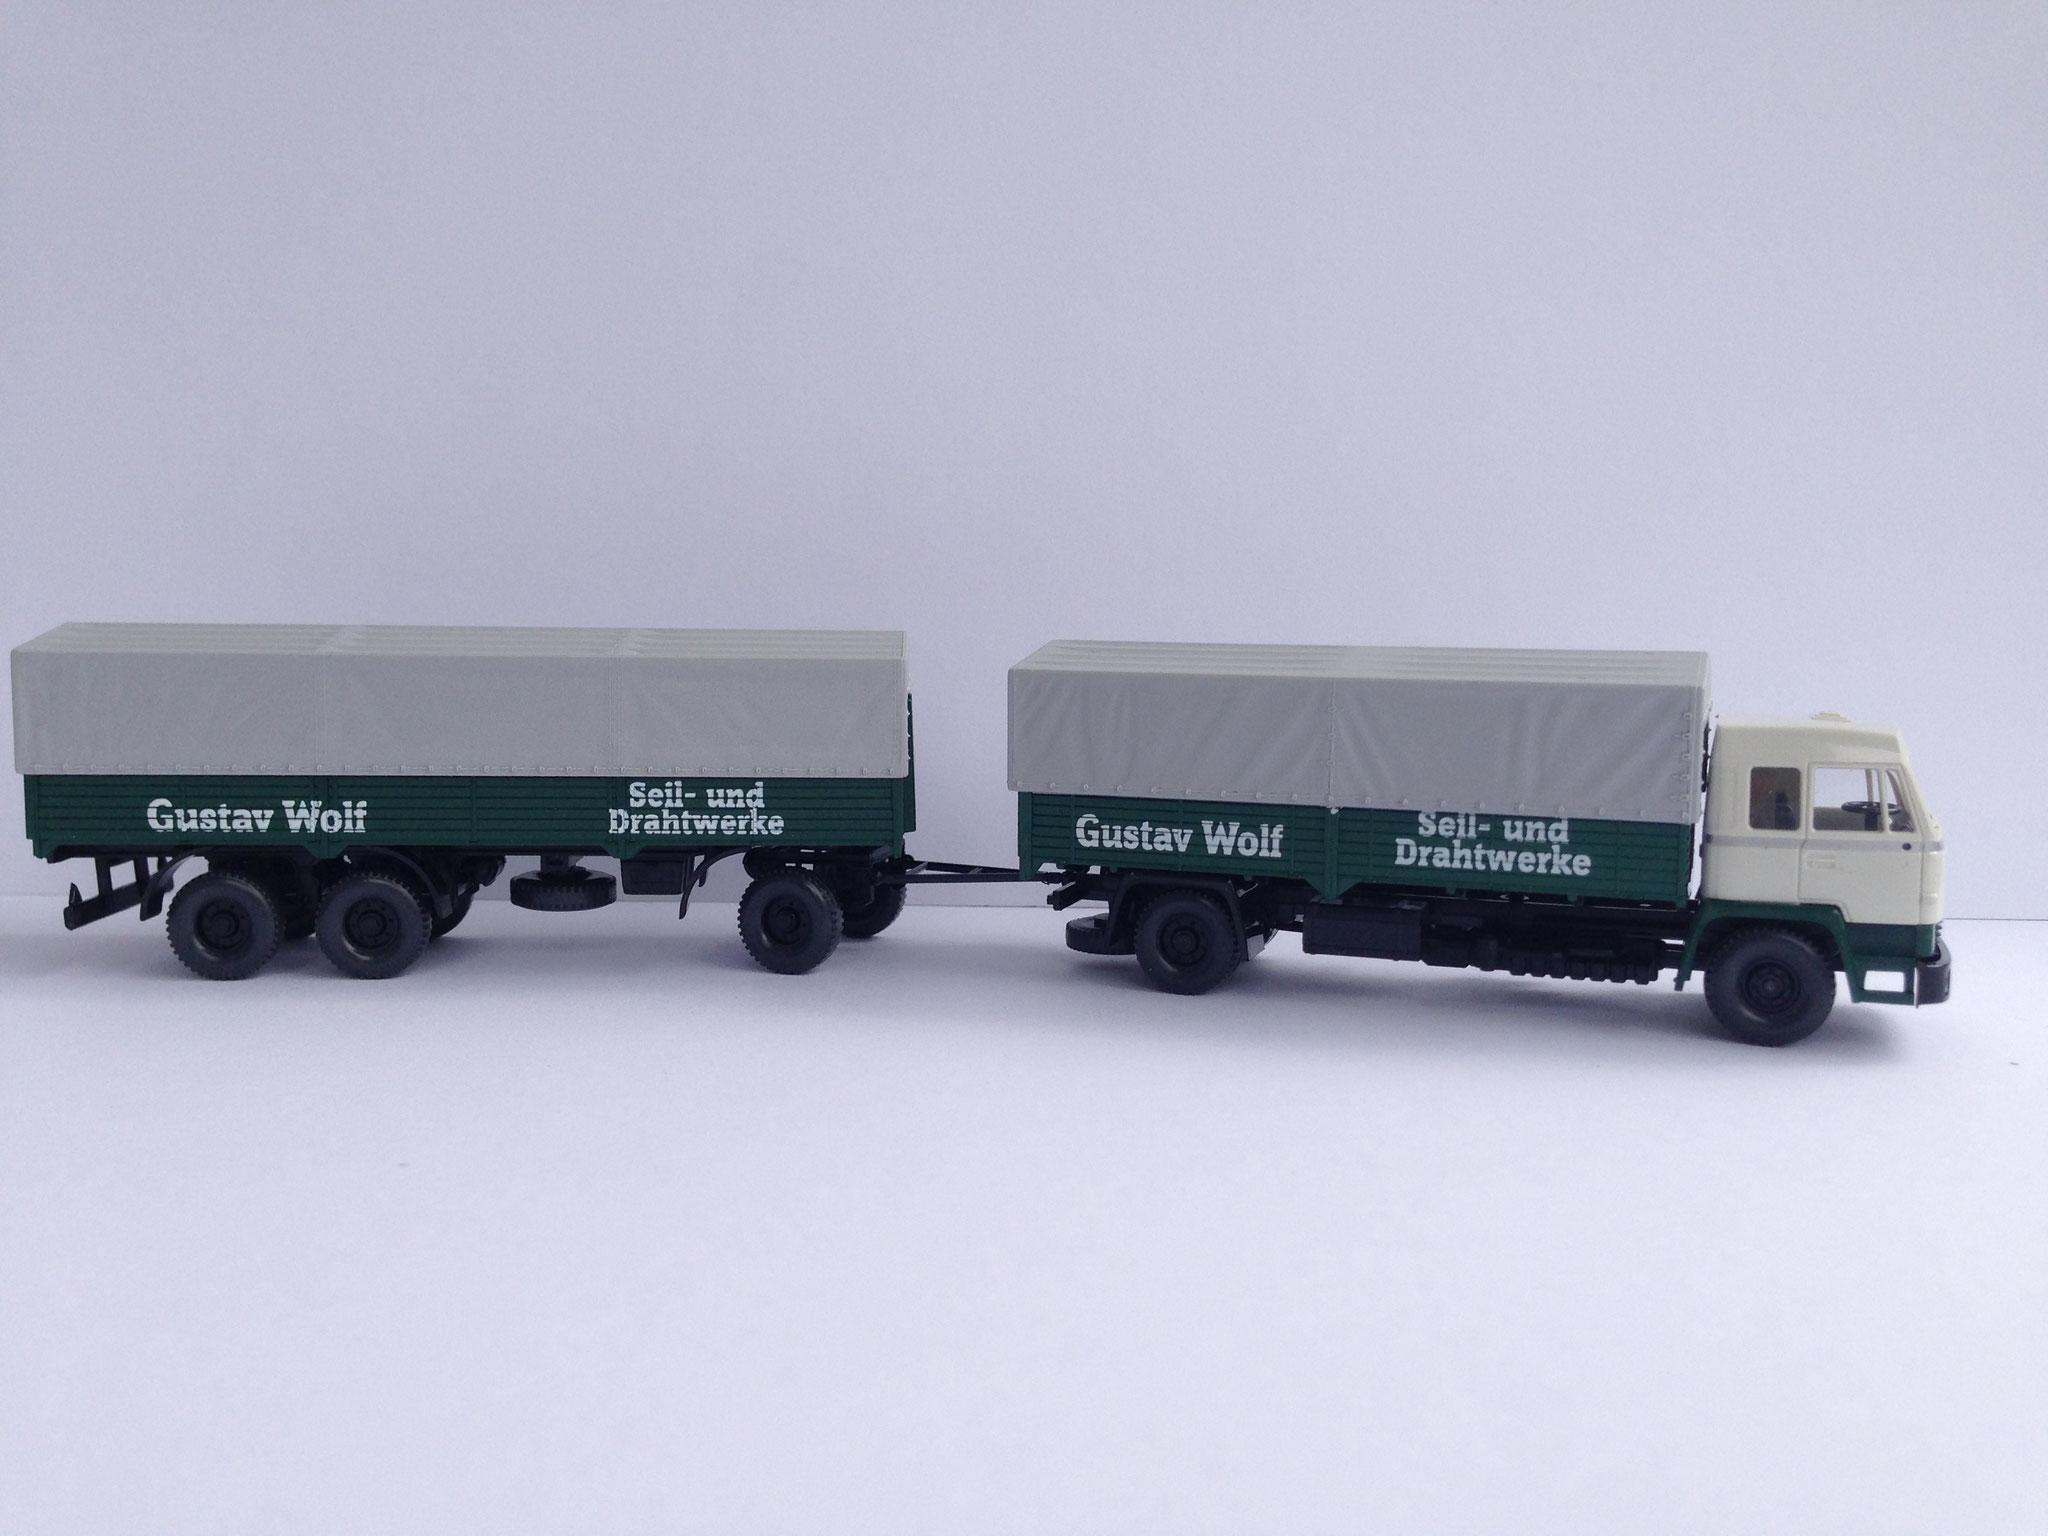 Gustav Wolf 2-Achser mit 3-Achs-Anhänger,  Pritsche/Plane (von Wiking unter dem Label Roskopf), Art. Nr. 485.02 (ab 1998 im Programm)